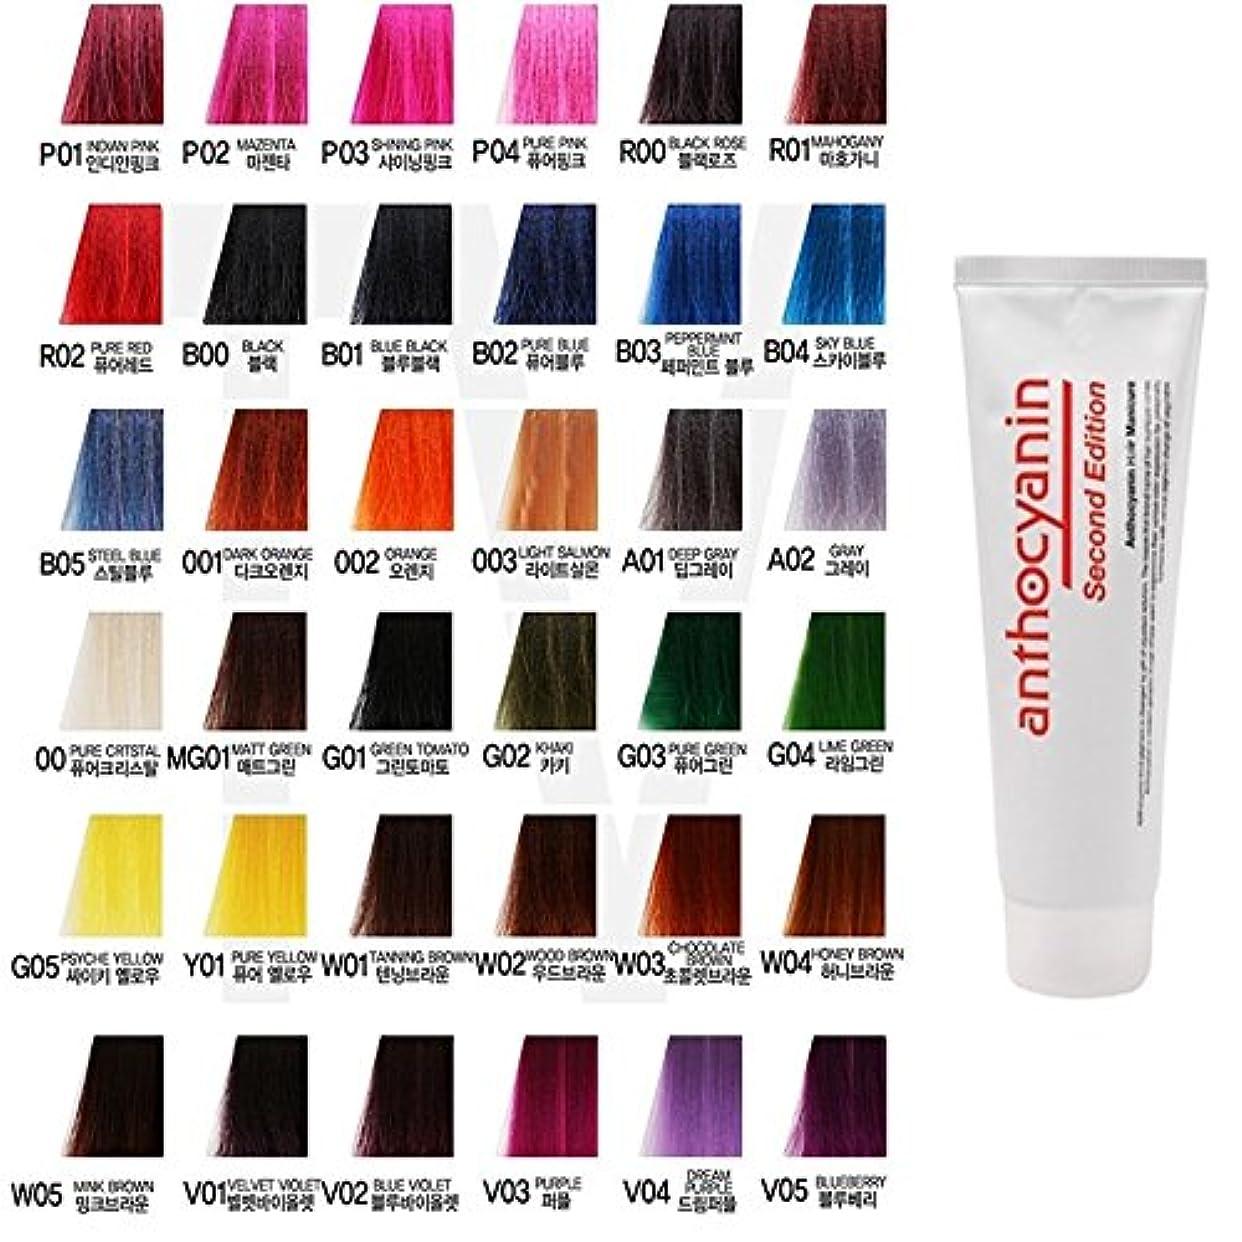 国家可決一般ヘア マニキュア カラー セカンド エディション 230g セミ パーマネント 染毛剤 ( Hair Manicure Color Second Edition 230g Semi Permanent Hair Dye) [並行輸入品] (O12 Coral Orange)